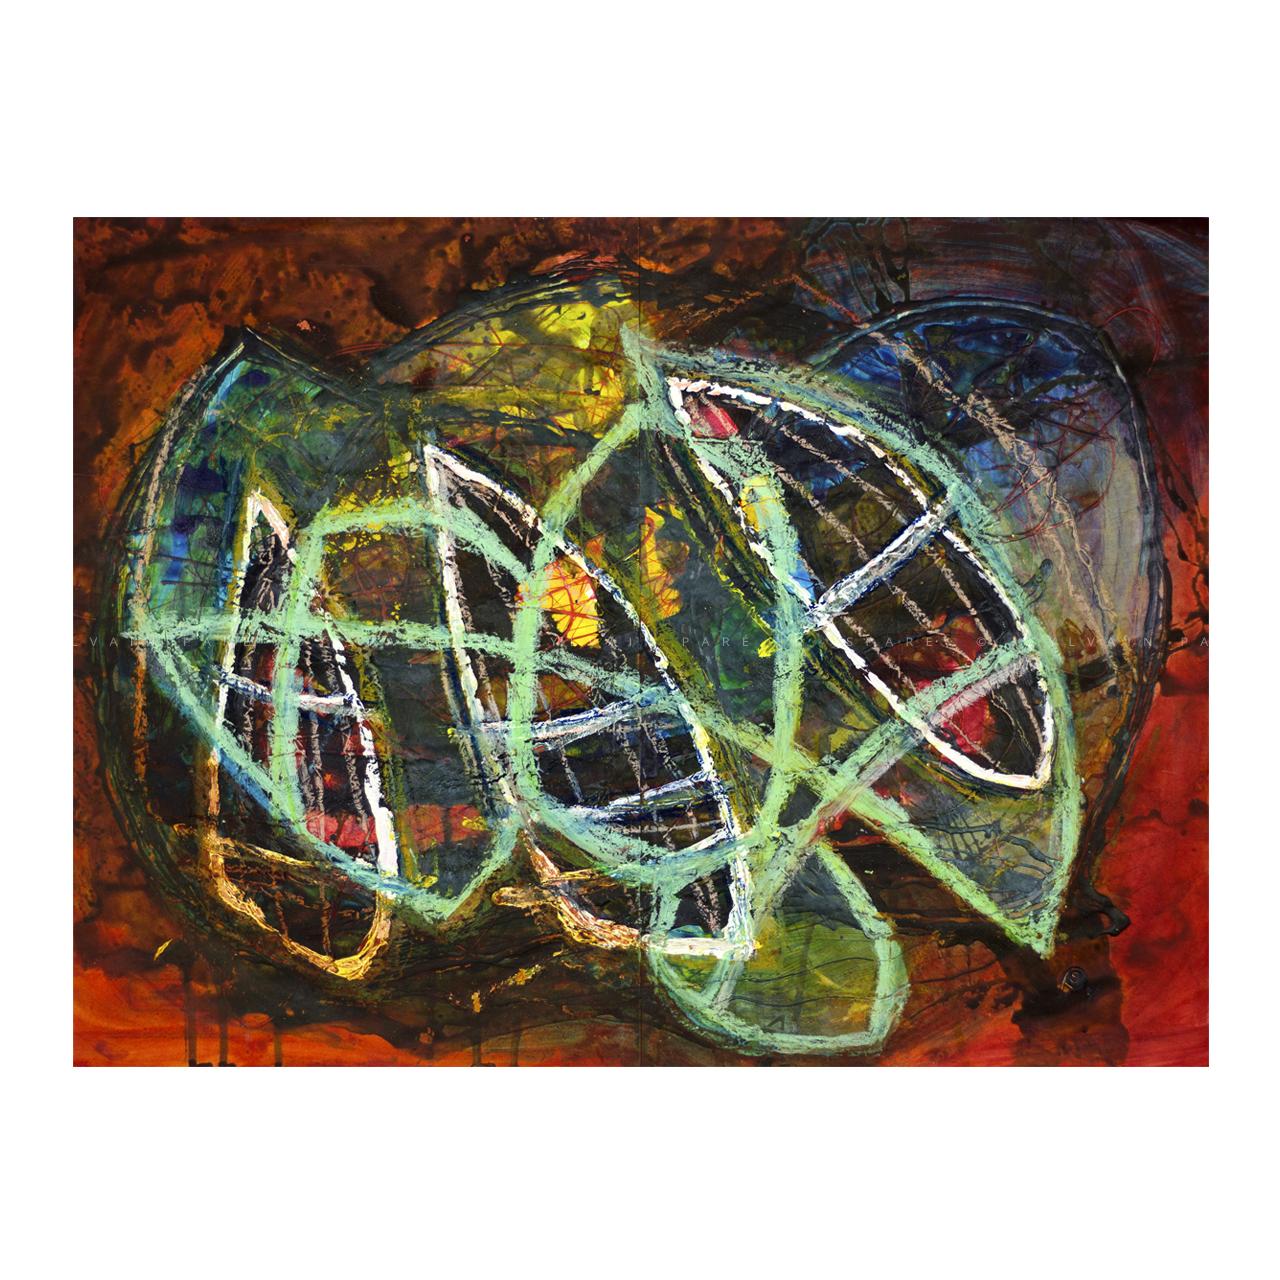 sylvain-pare-spare-artwork-1280x1280_IMG_0113.jpg